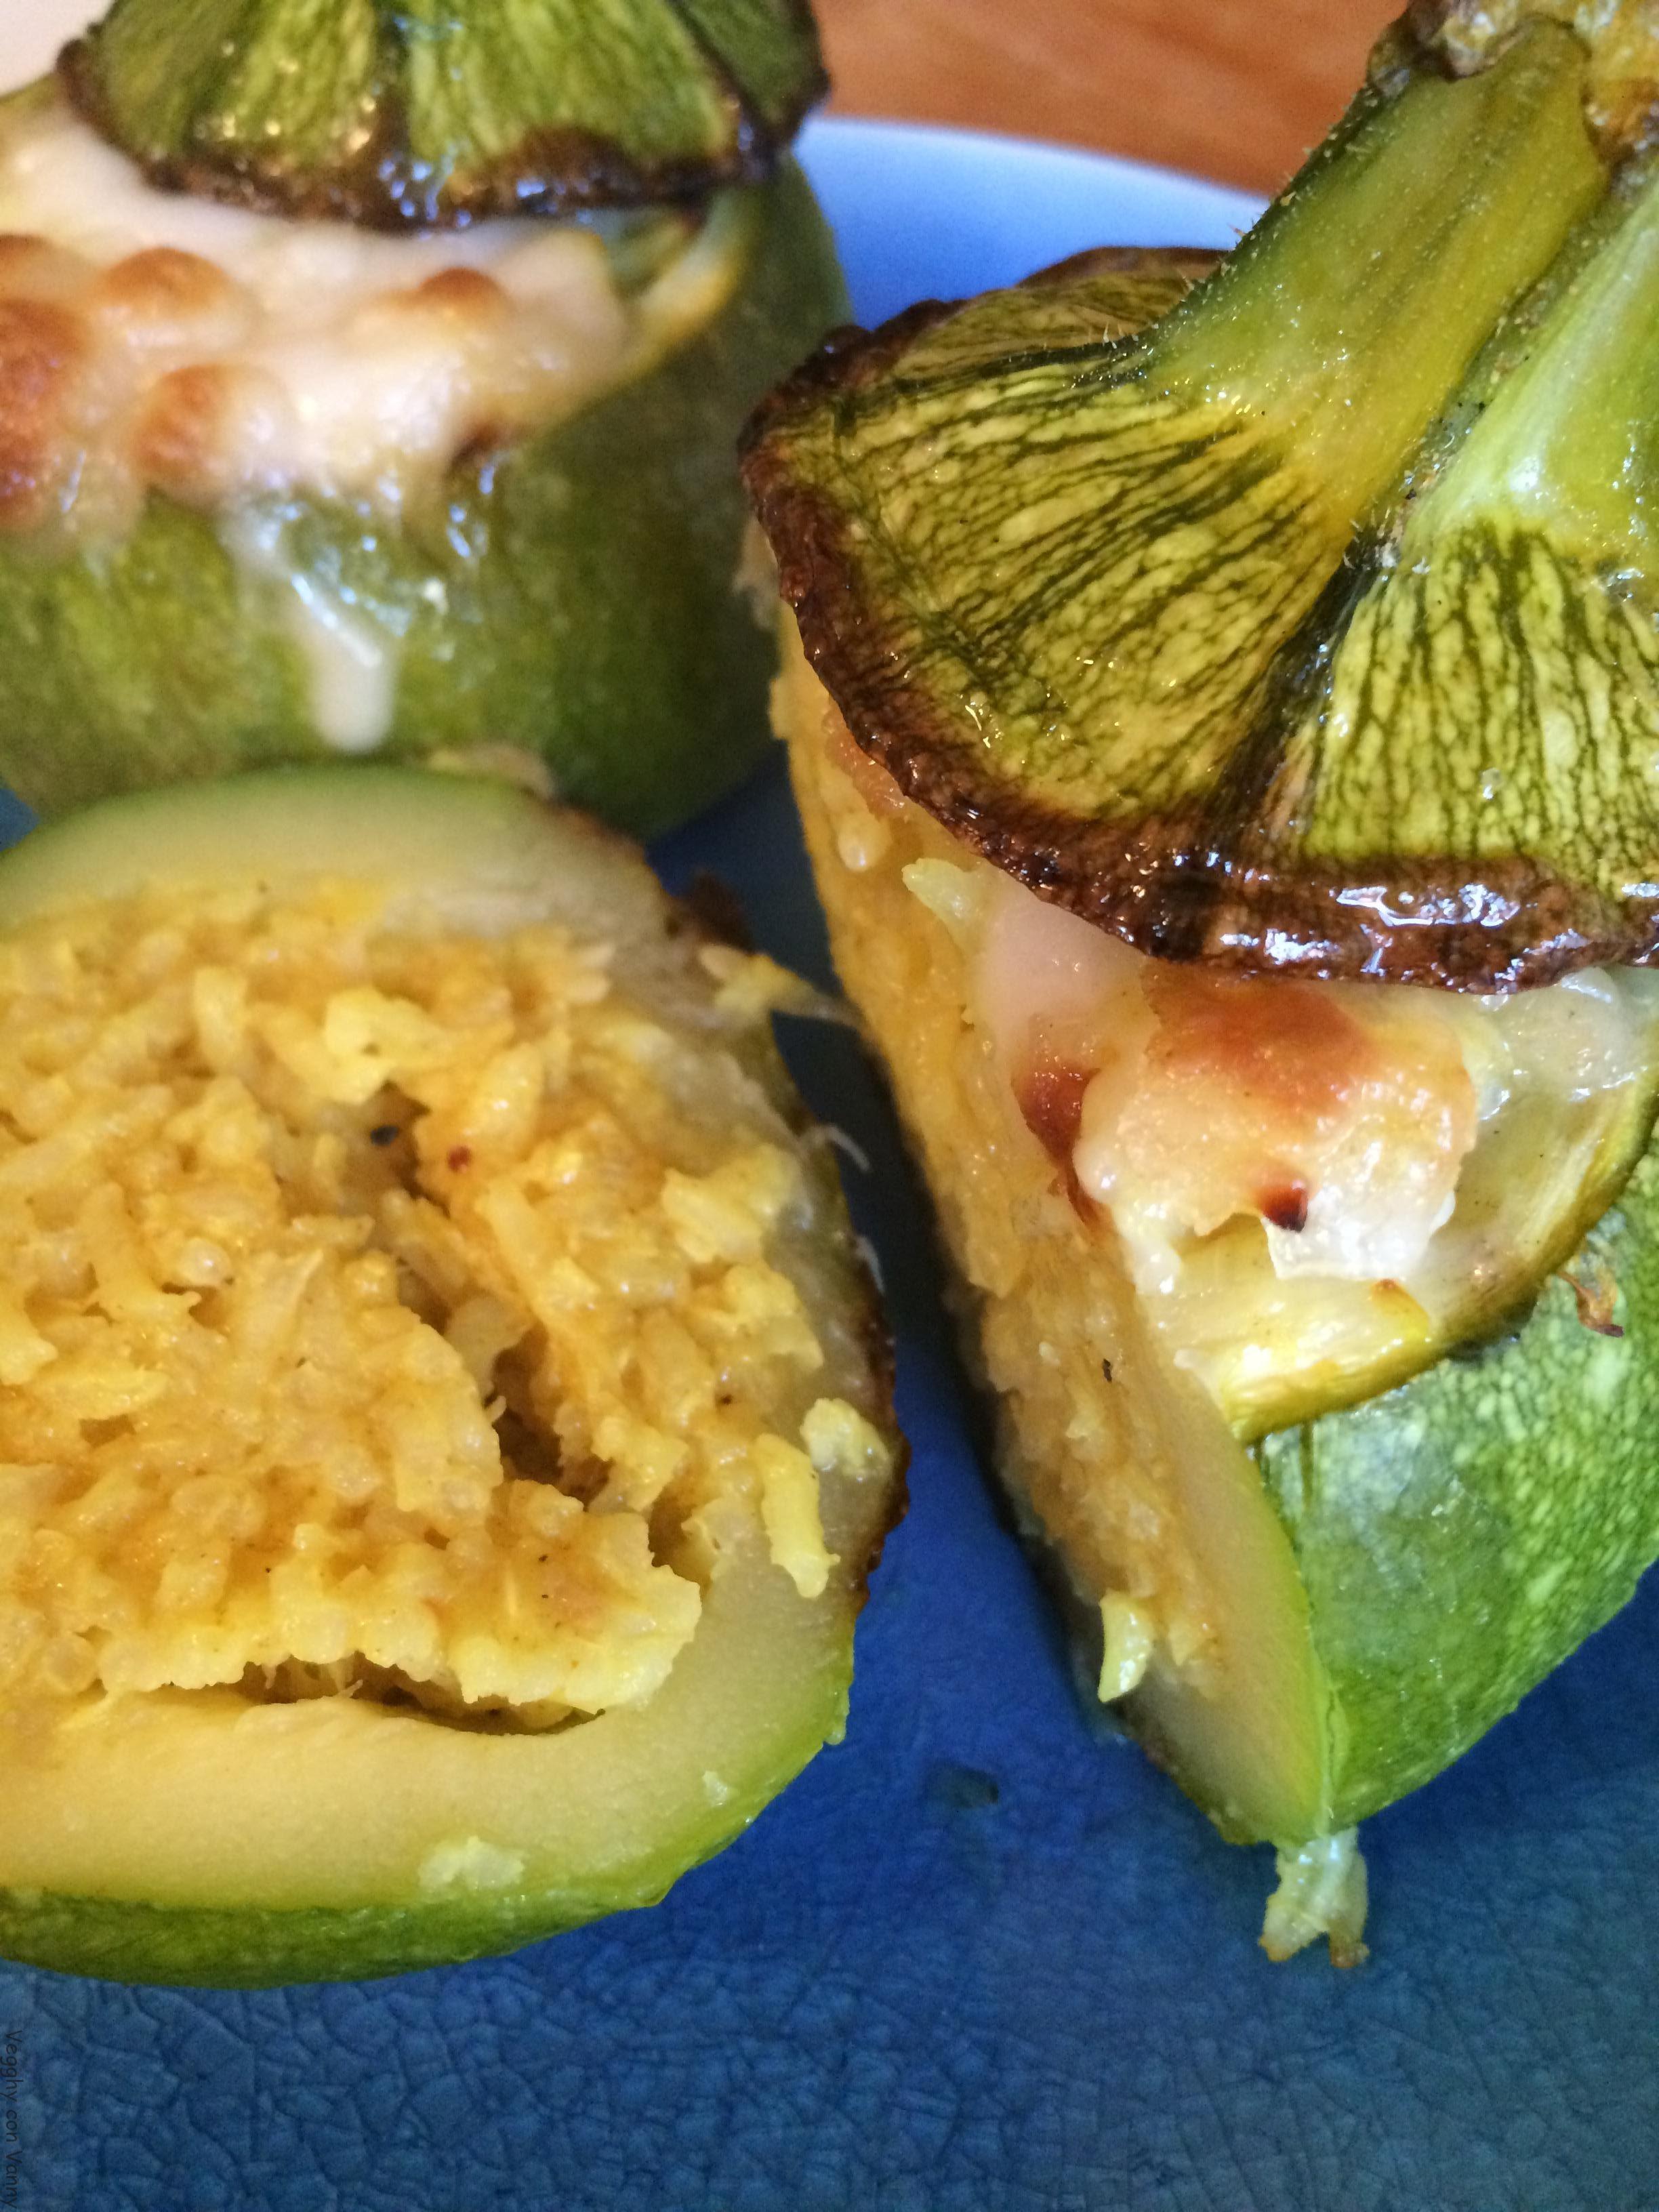 Zucchine tonde ripiene di riso thai con crema di zucchine e porri